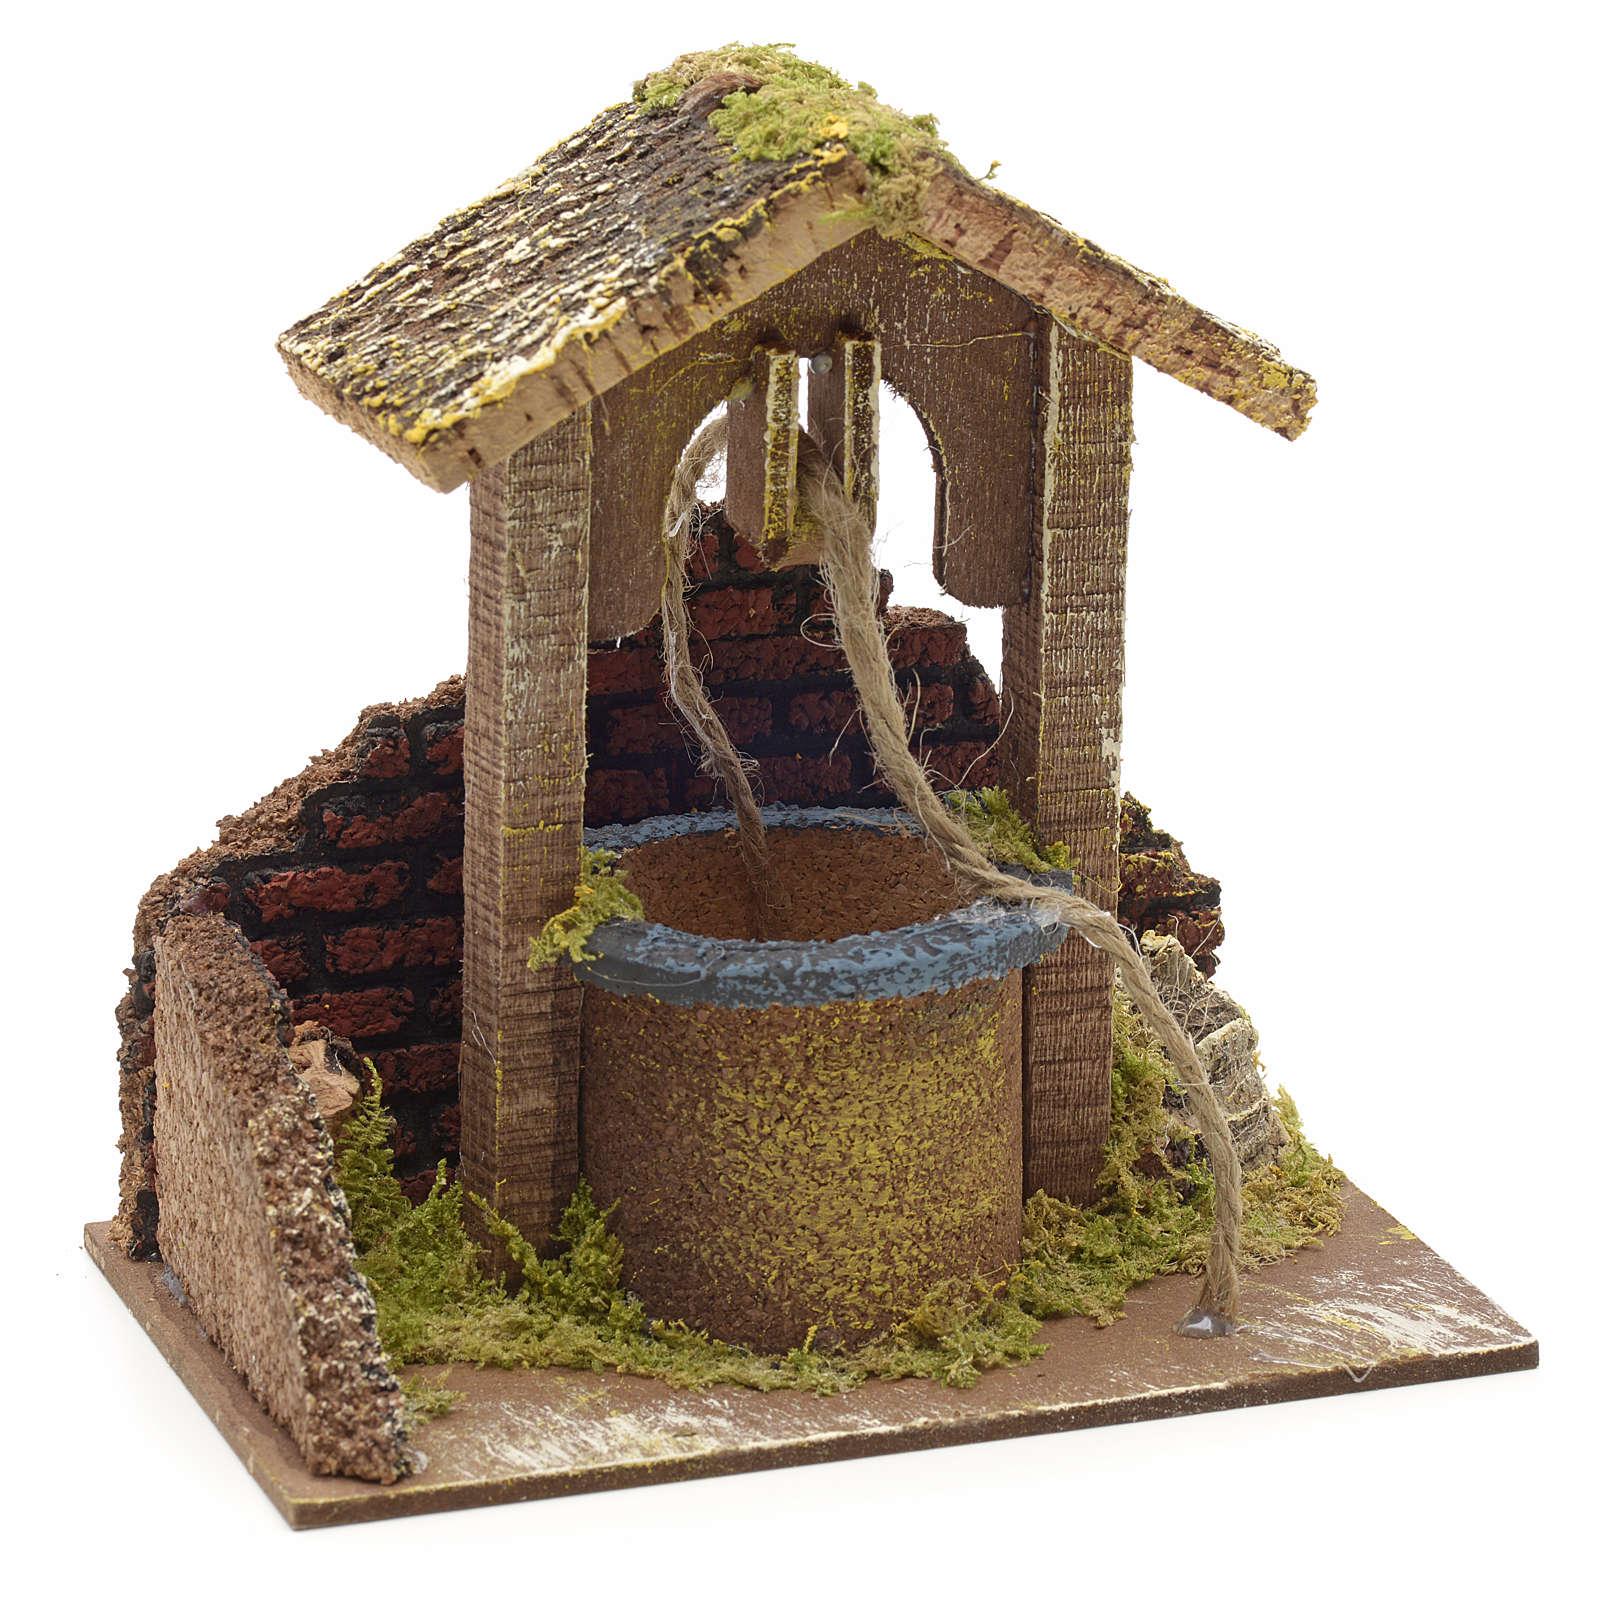 Décor crèche puits mur et toit 15x15x10 4